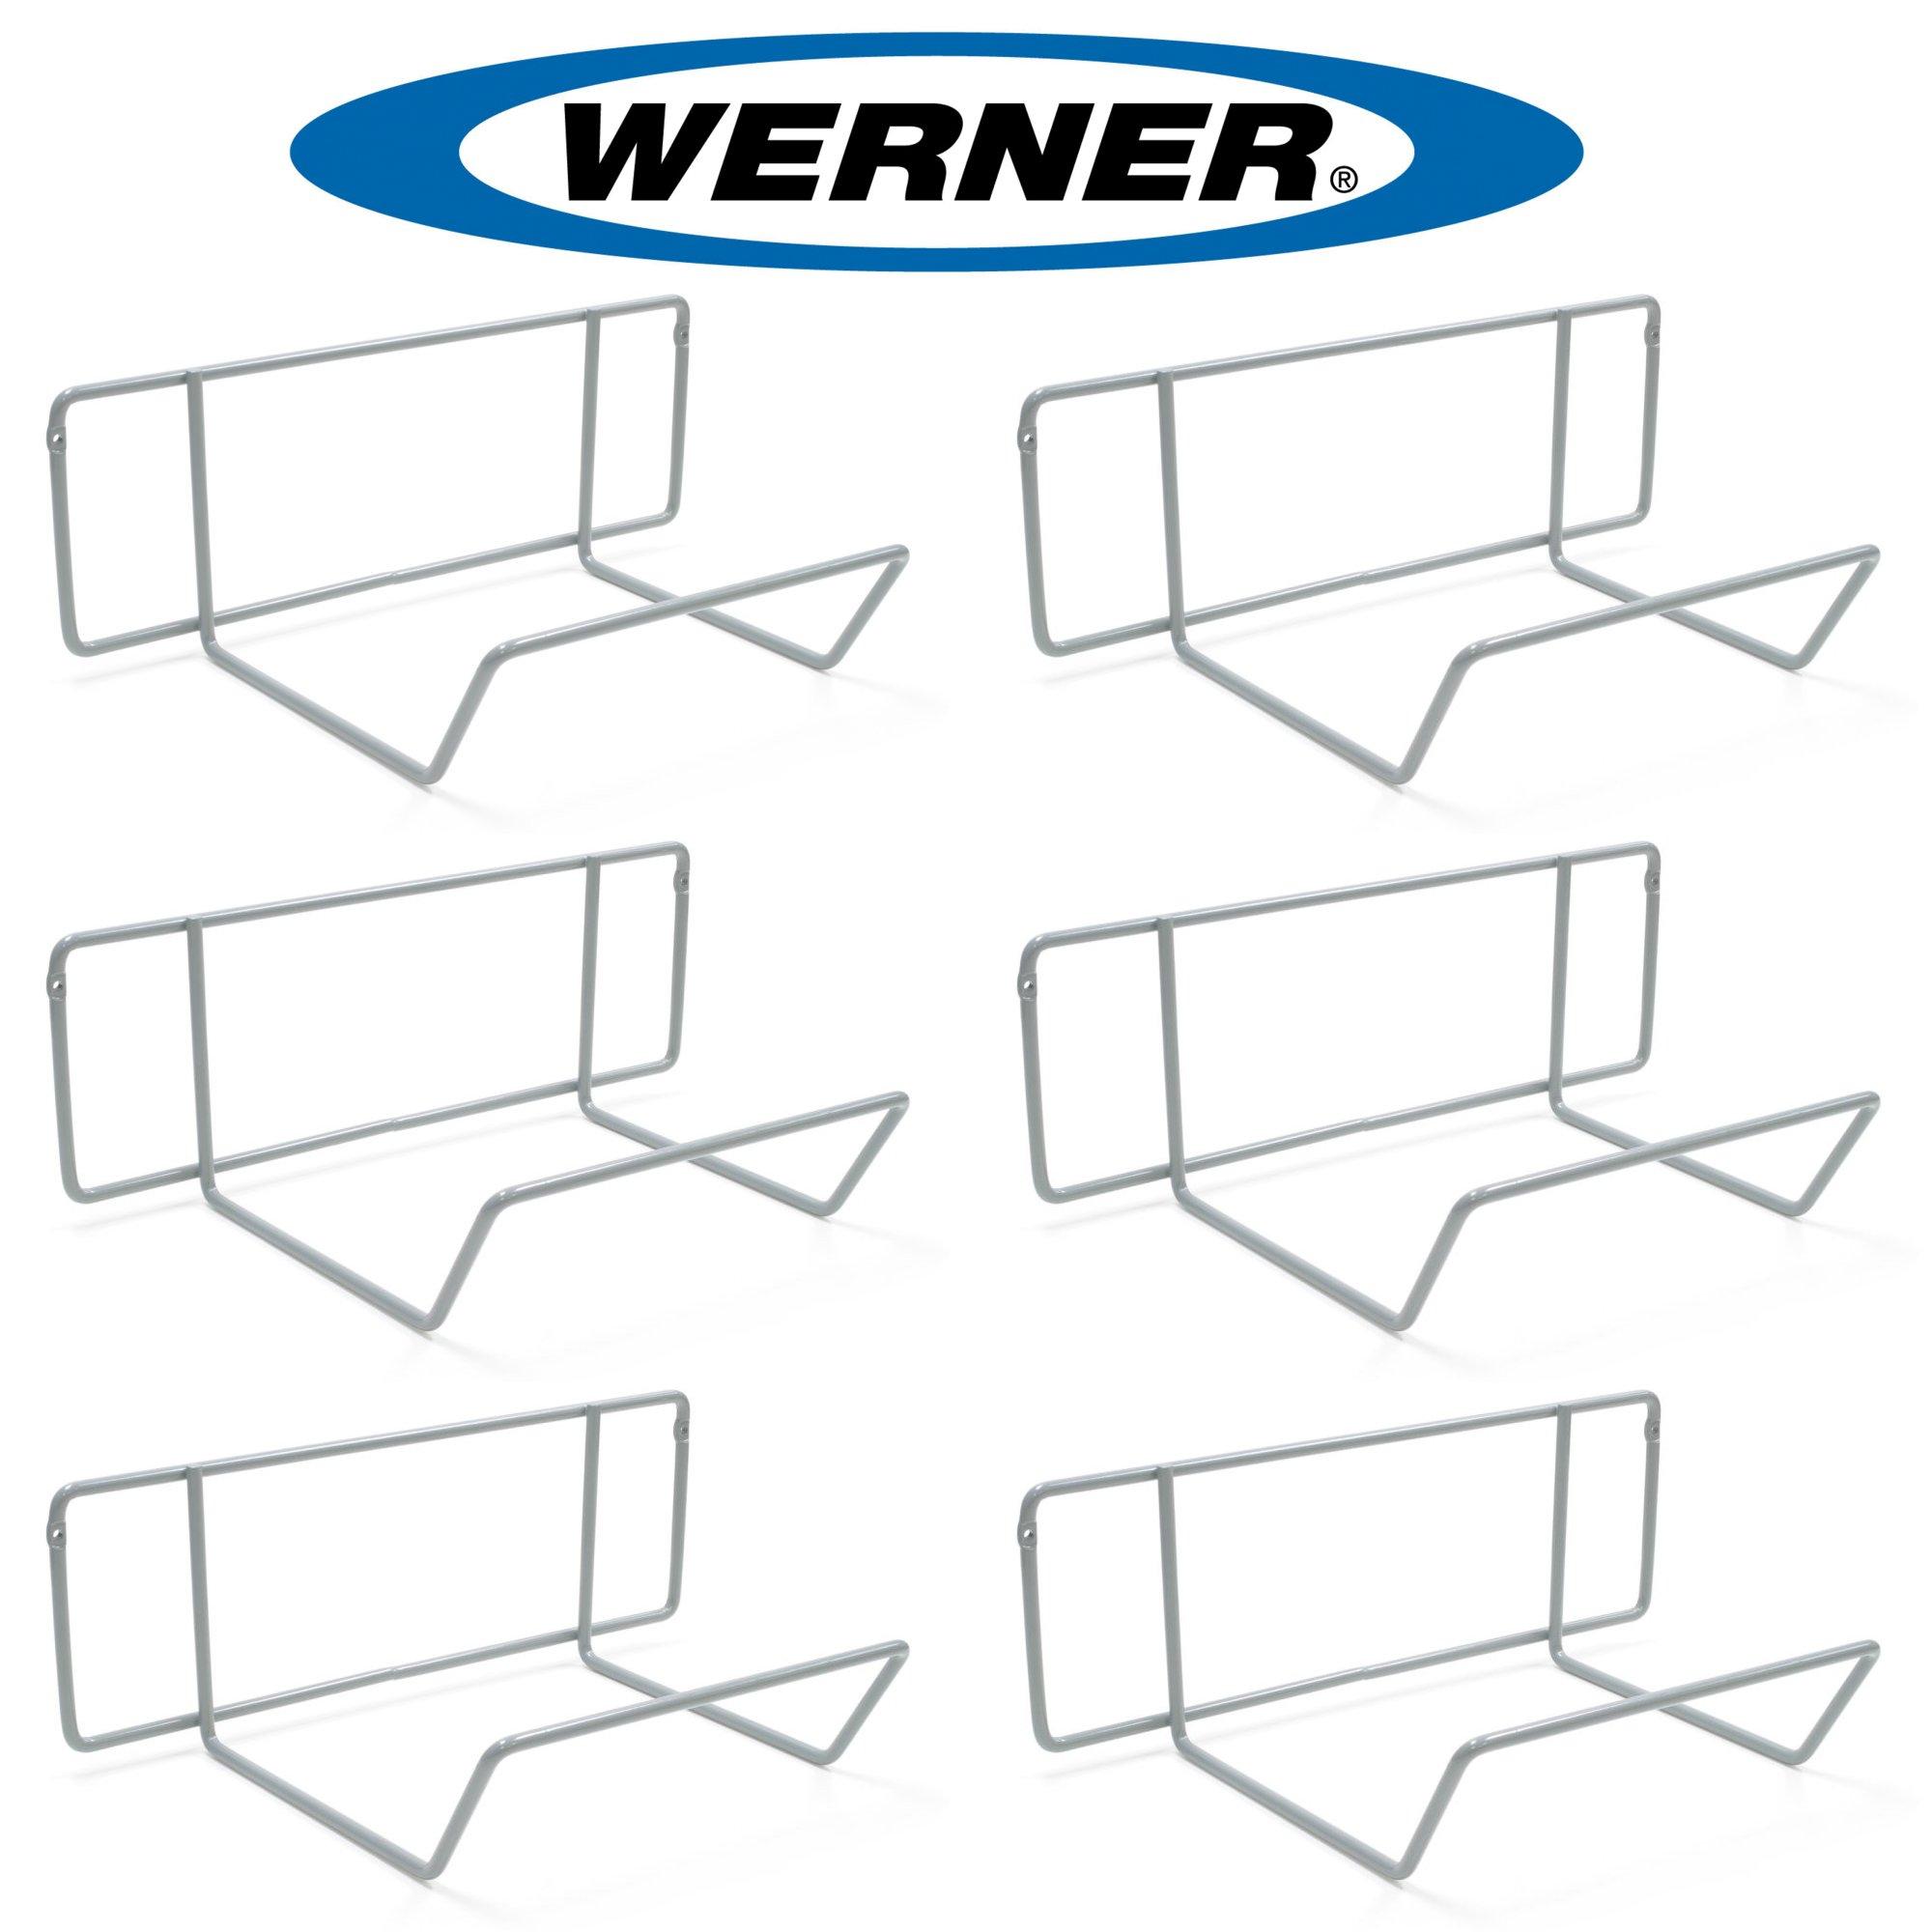 Werner AC11 Stepladder Wall Hanger / Ladder Storage / Organizer (Pack of 6)